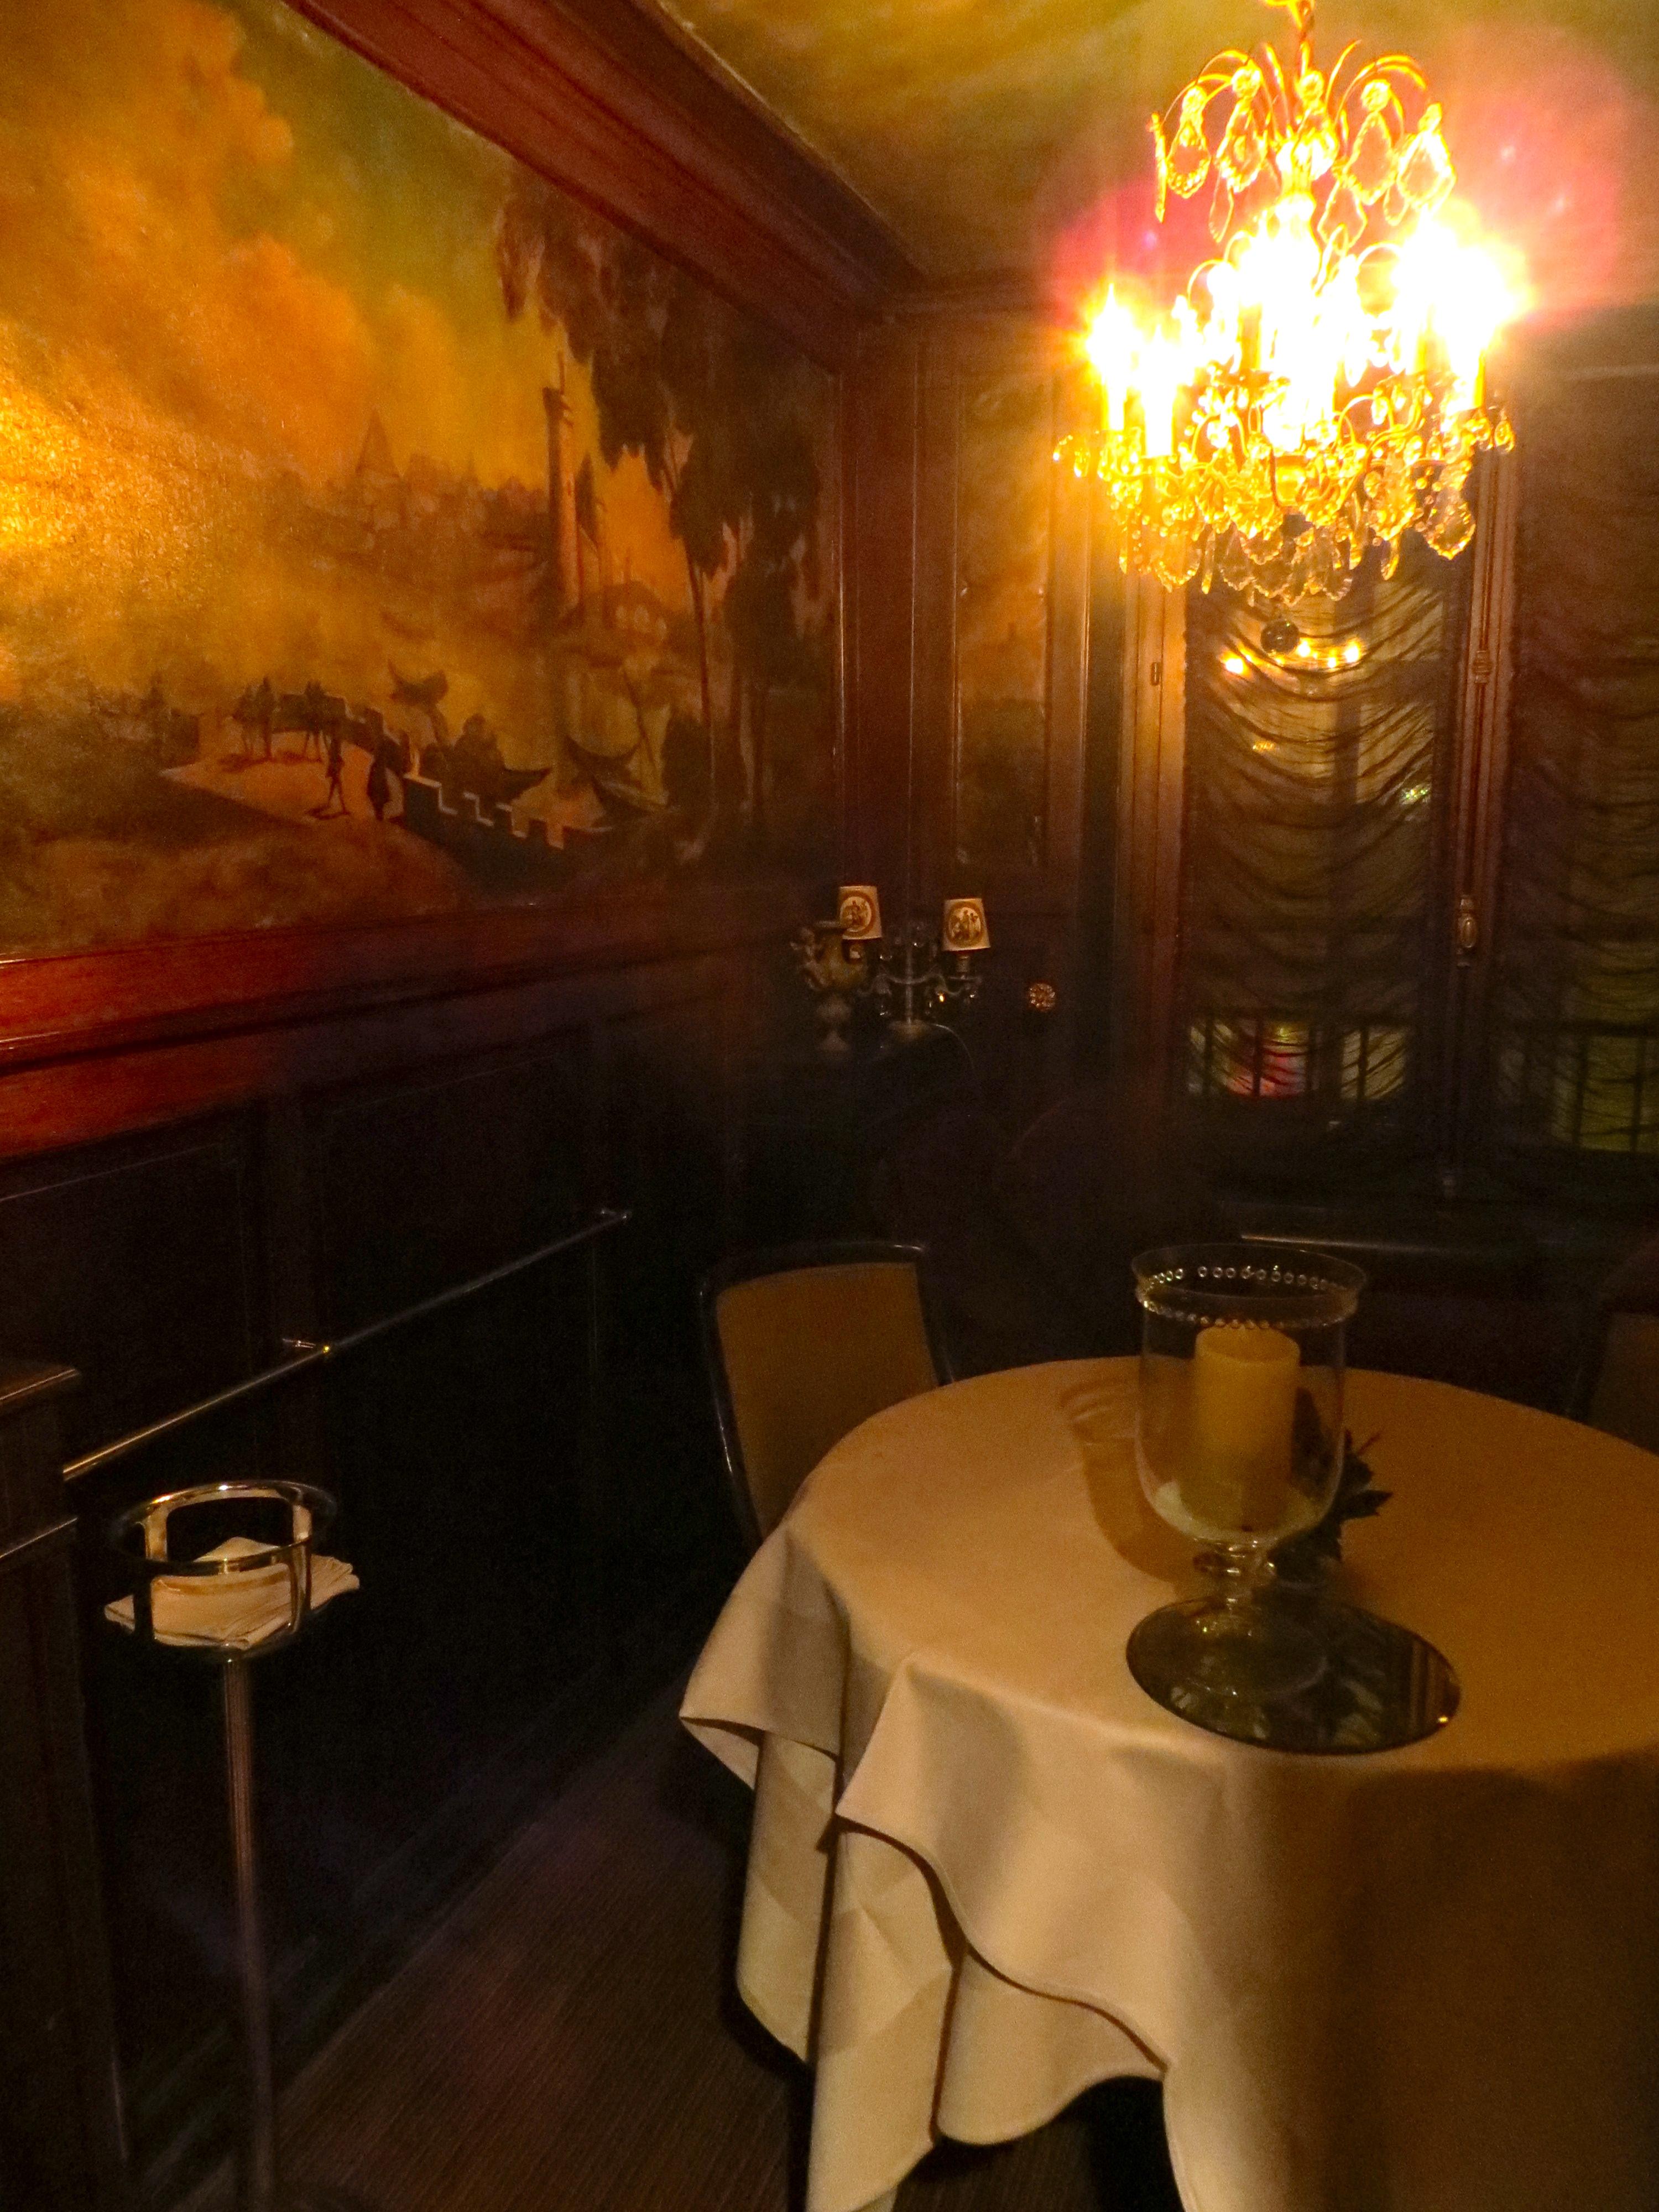 Laperouse, A gastronomic restaurant